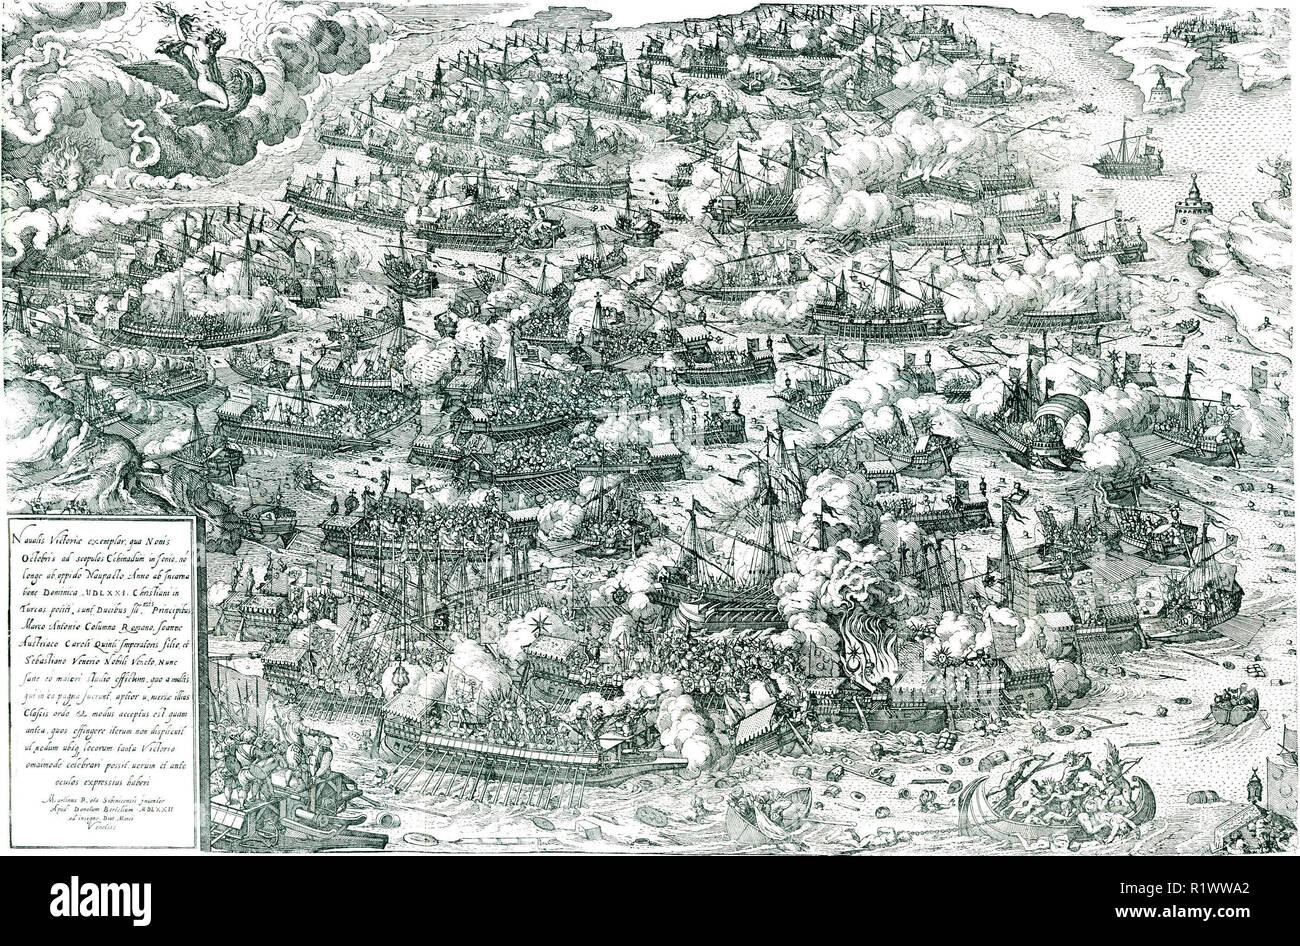 Die Schlacht von Lepanto, Kupferstich von Martin Rota, 1572. Die Schlacht von Lepanto wurde ein Engagement, das am 7. Oktober 1571, wenn eine Flotte der Heiligen Liga, geführt durch die Republik Venedig und das spanische Imperium, eine große Niederlage für die Flotte des Osmanischen Reiches in den Golf von Patras zugefügt wurden. Stockfoto